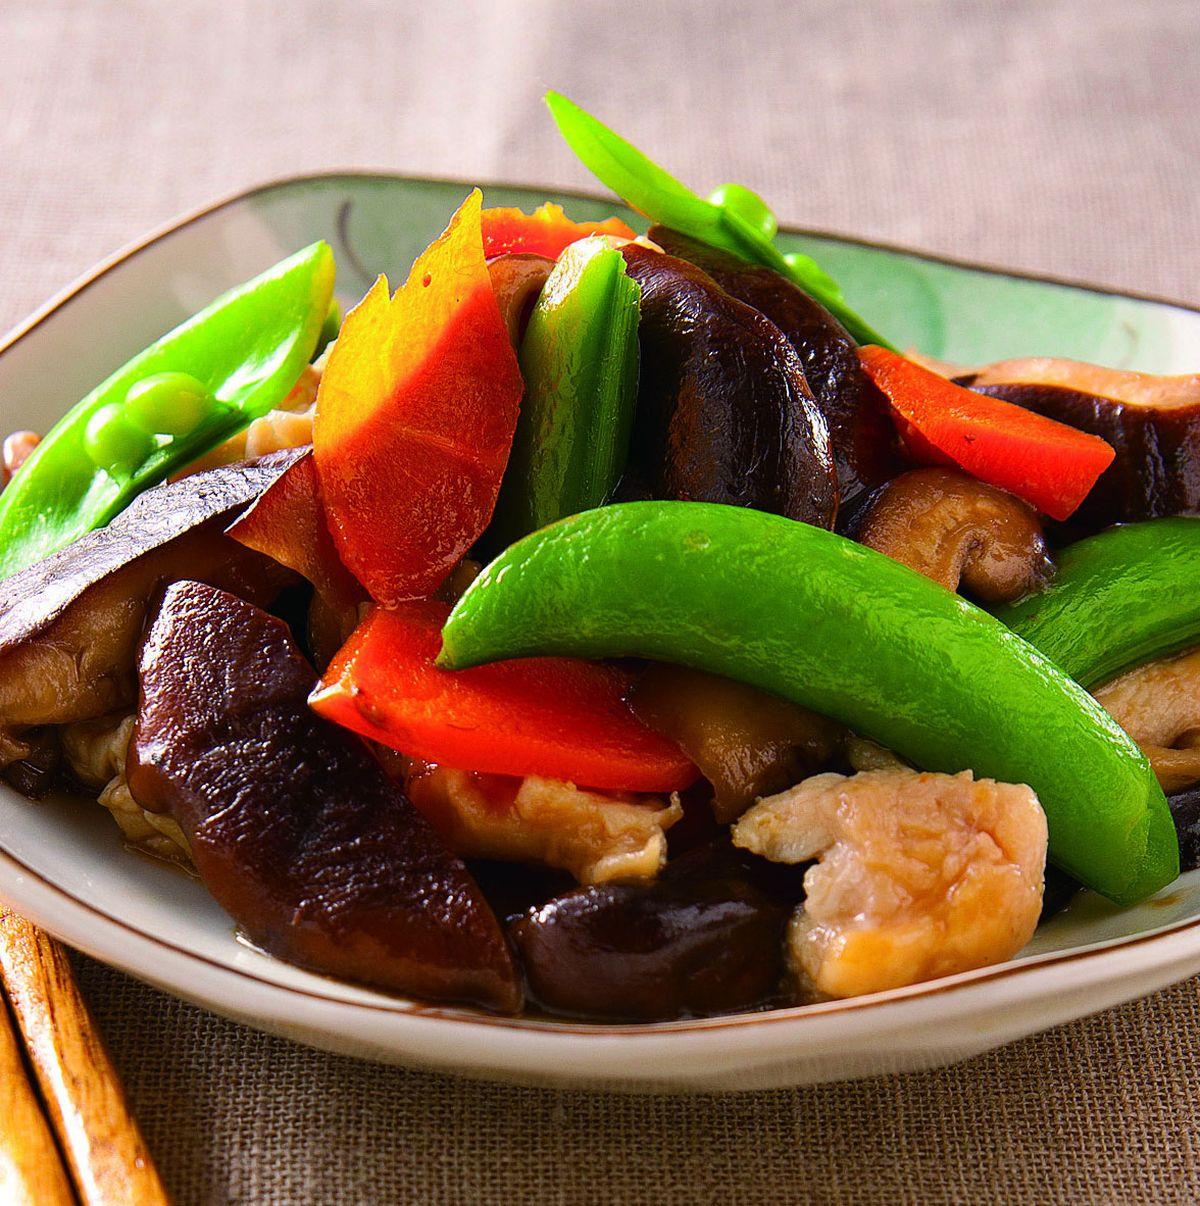 食譜:蠔油雞片炒香菇